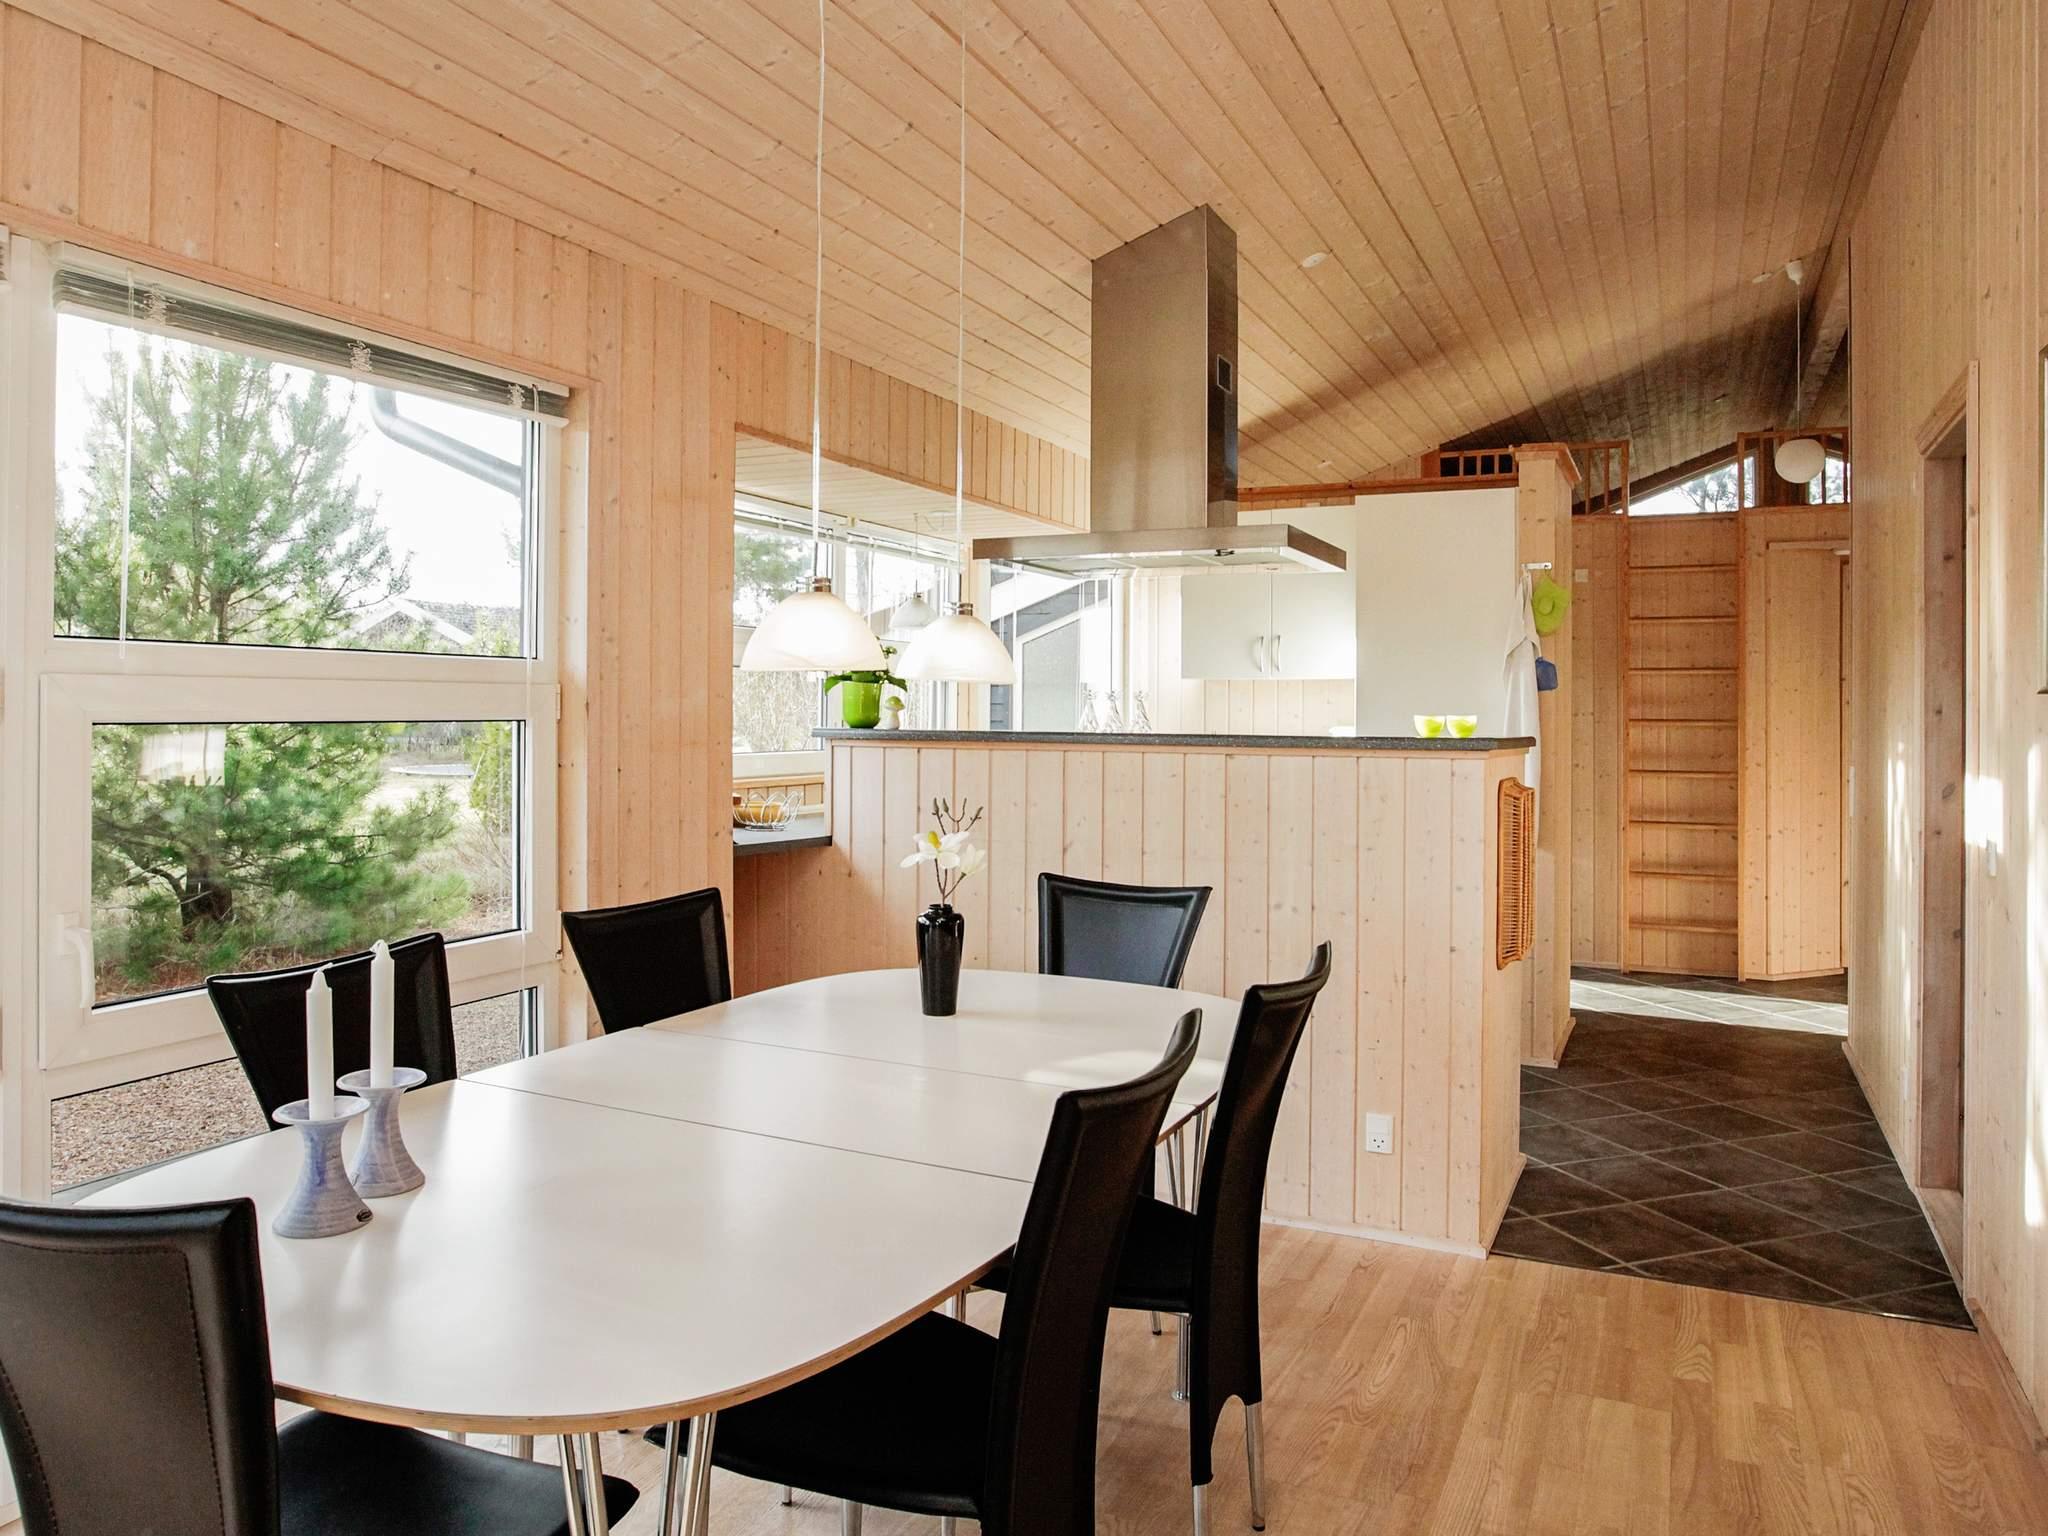 Ferienhaus Lodskovvad (405517), Lodskovvad, , Nordostjütland, Dänemark, Bild 3